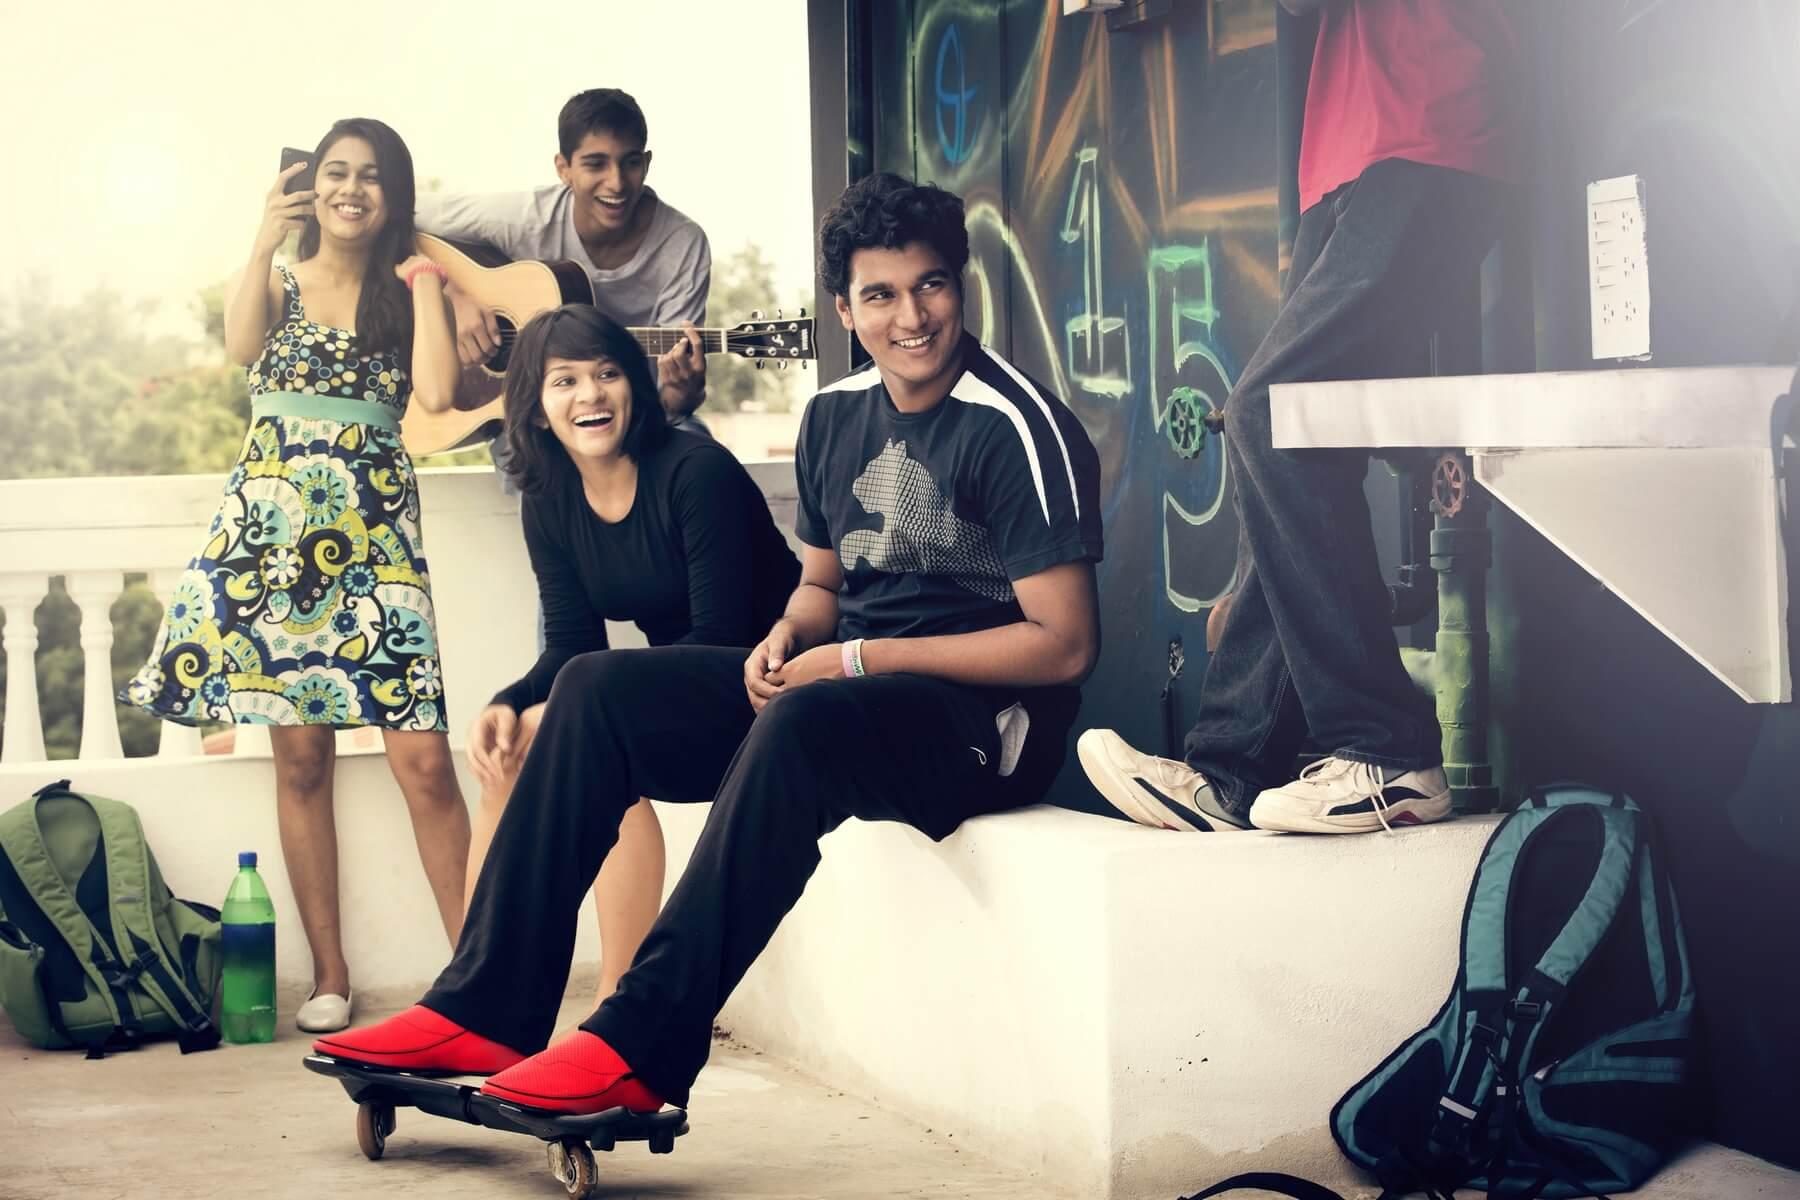 Les chaussures connectées Lechal, de la firme indienne Ducere, permettent de s'orienter dans la rue sans consulter son smartphone. (Image © Ducere)